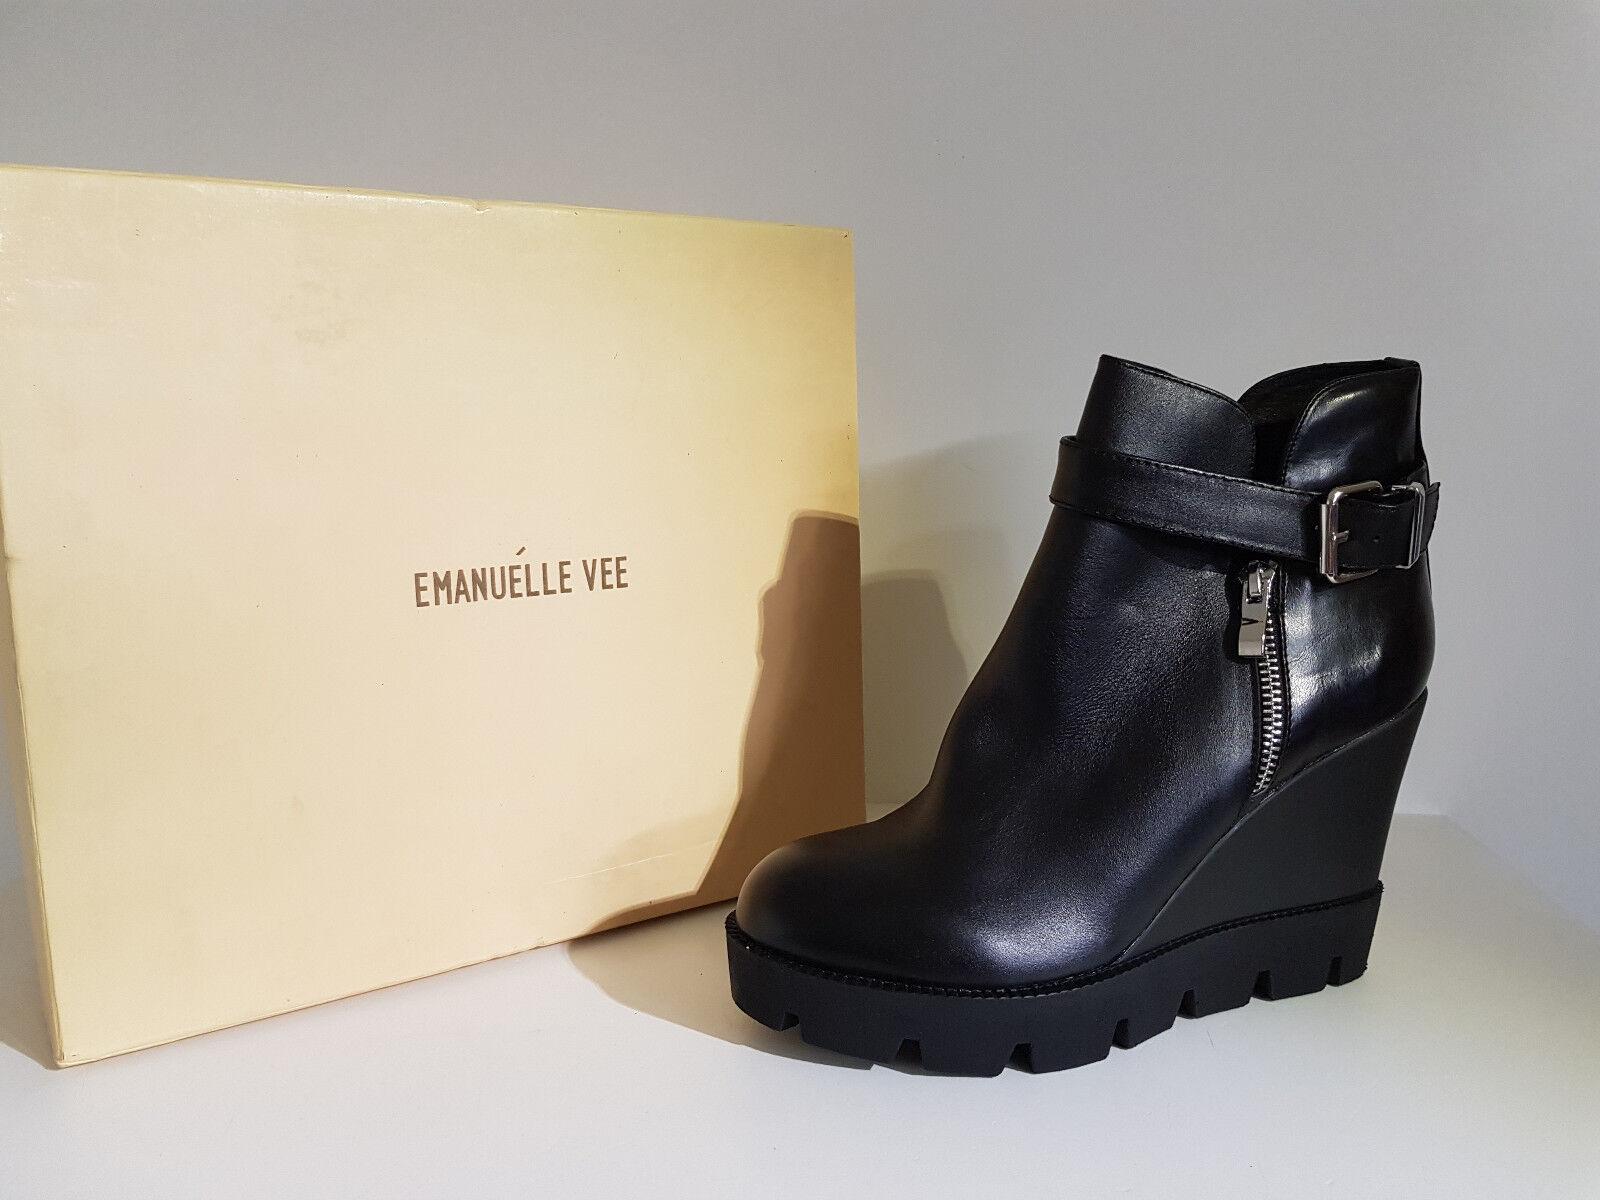 Zapatos promocionales para hombres y mujeres Stivale Donna Emanuelle Vee .Sconto -55 % Art.452-719V5 Col.Nero